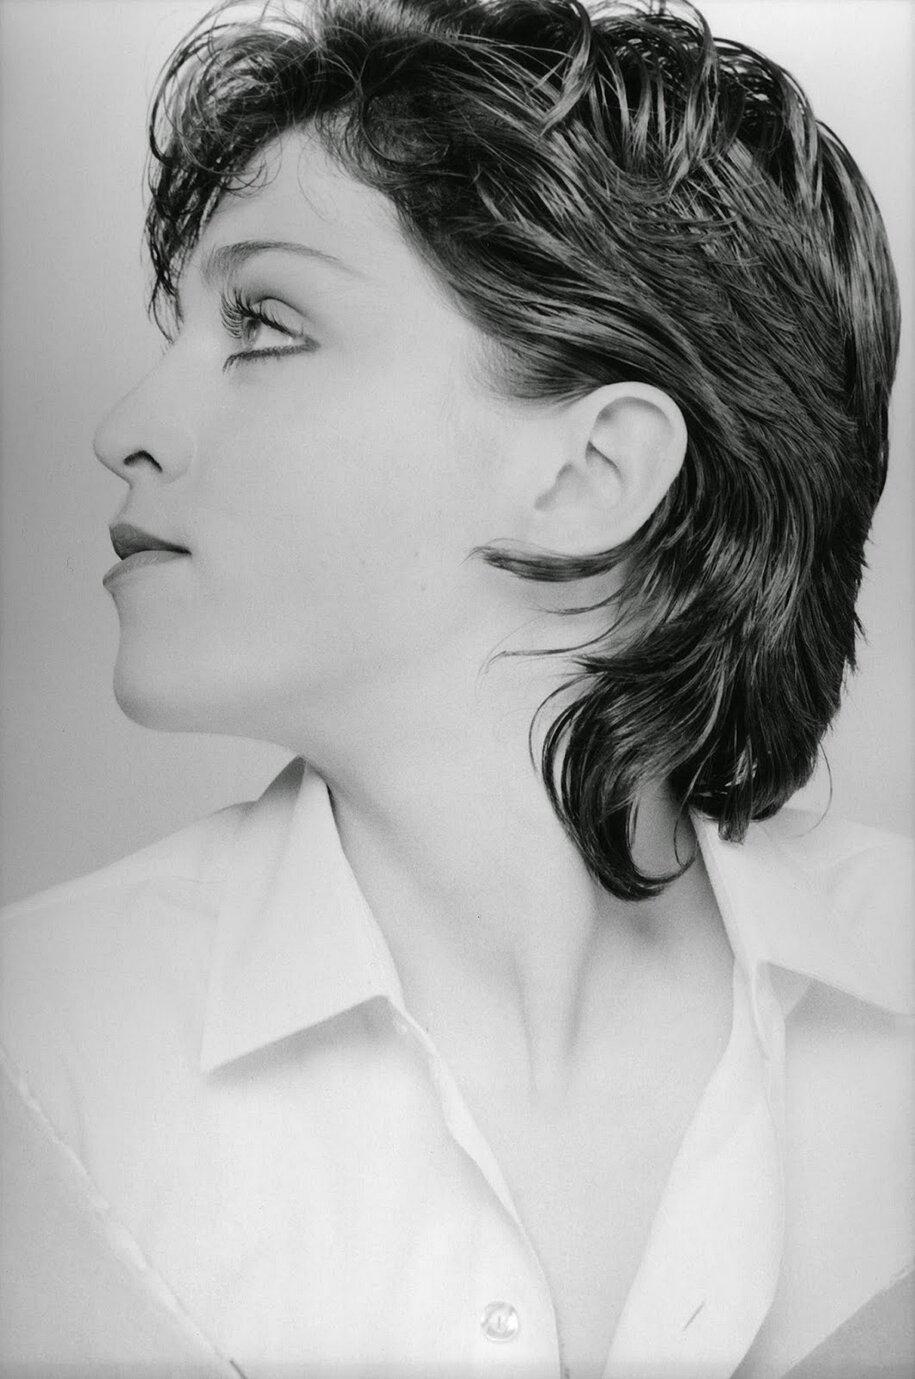 madonna-foto-anni-70-prima-di-diventare-famosa-new-york-15